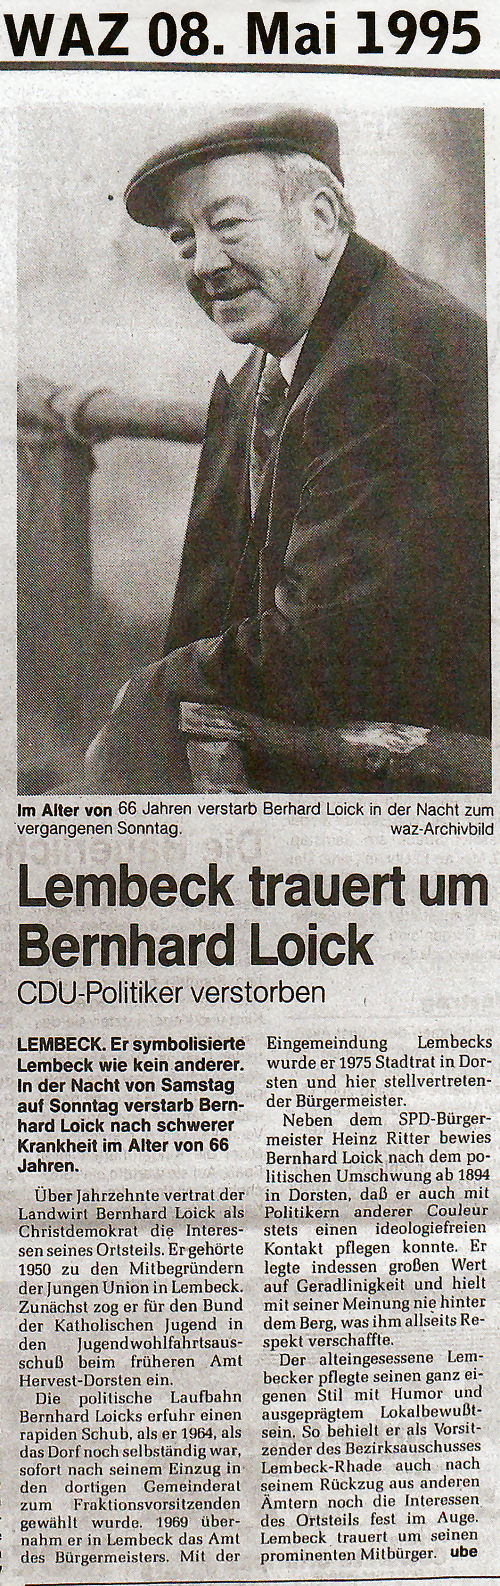 19950508_WAZ_Lembeck_trauert_um_Bernhard_Loick